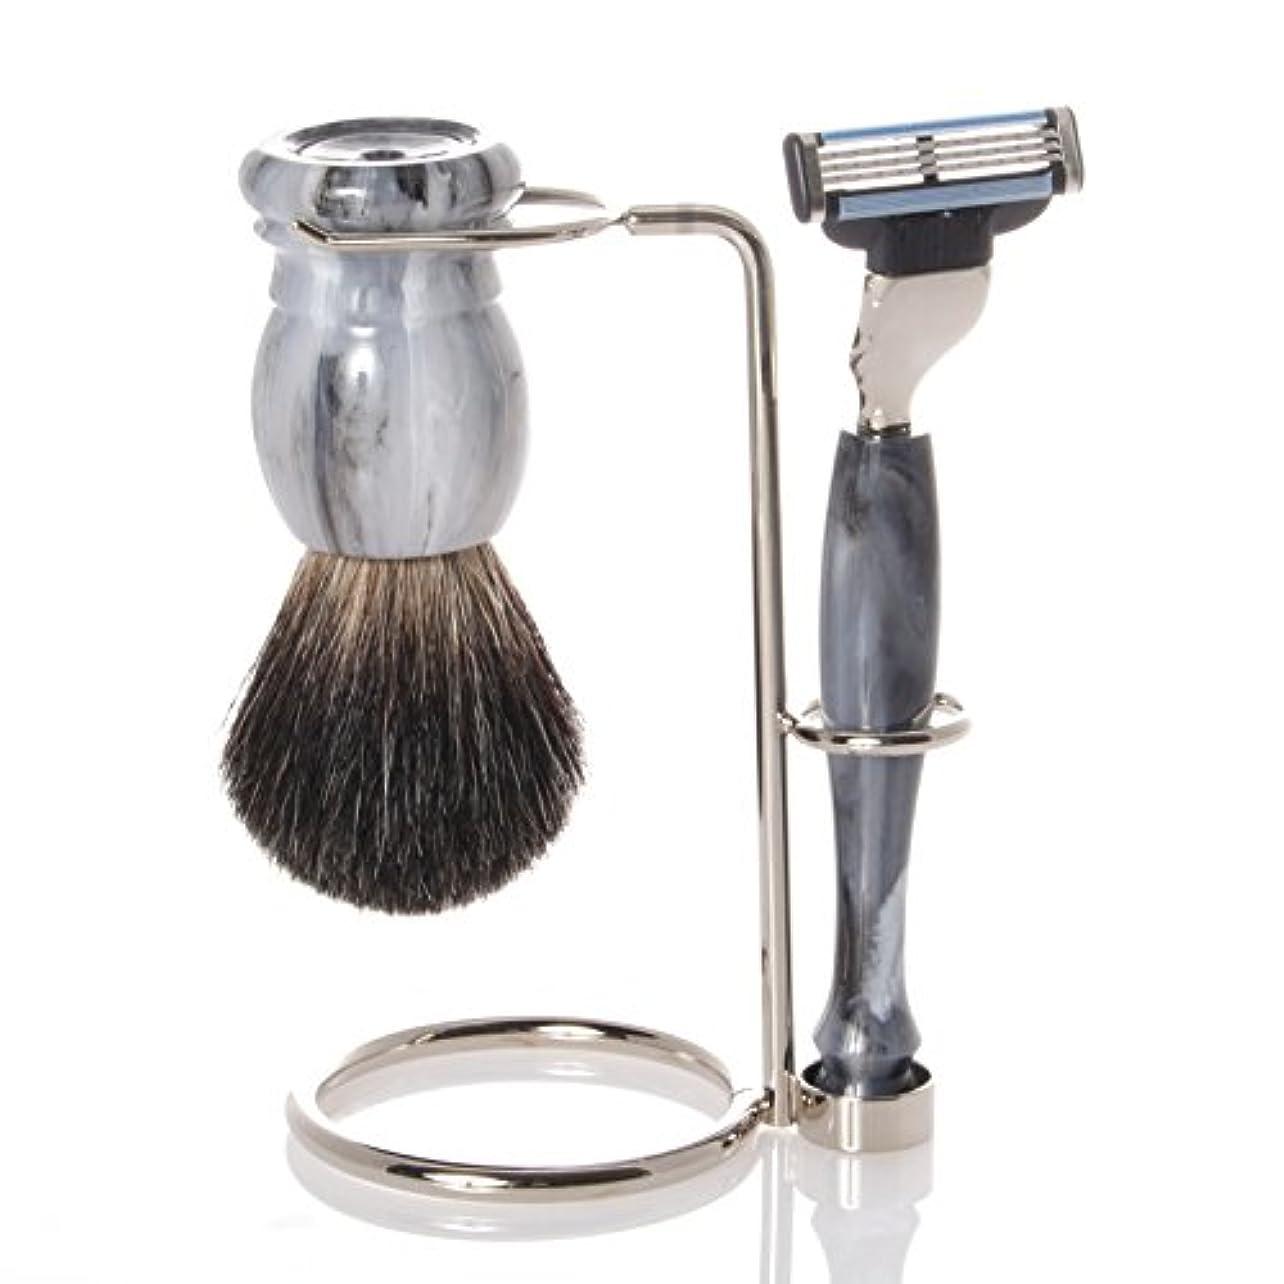 恥ずかしいトピック正直髭剃りセット、ホルダー、グレー?オジャー?ブラシ、カミソリ - Hans Baier Exclusive